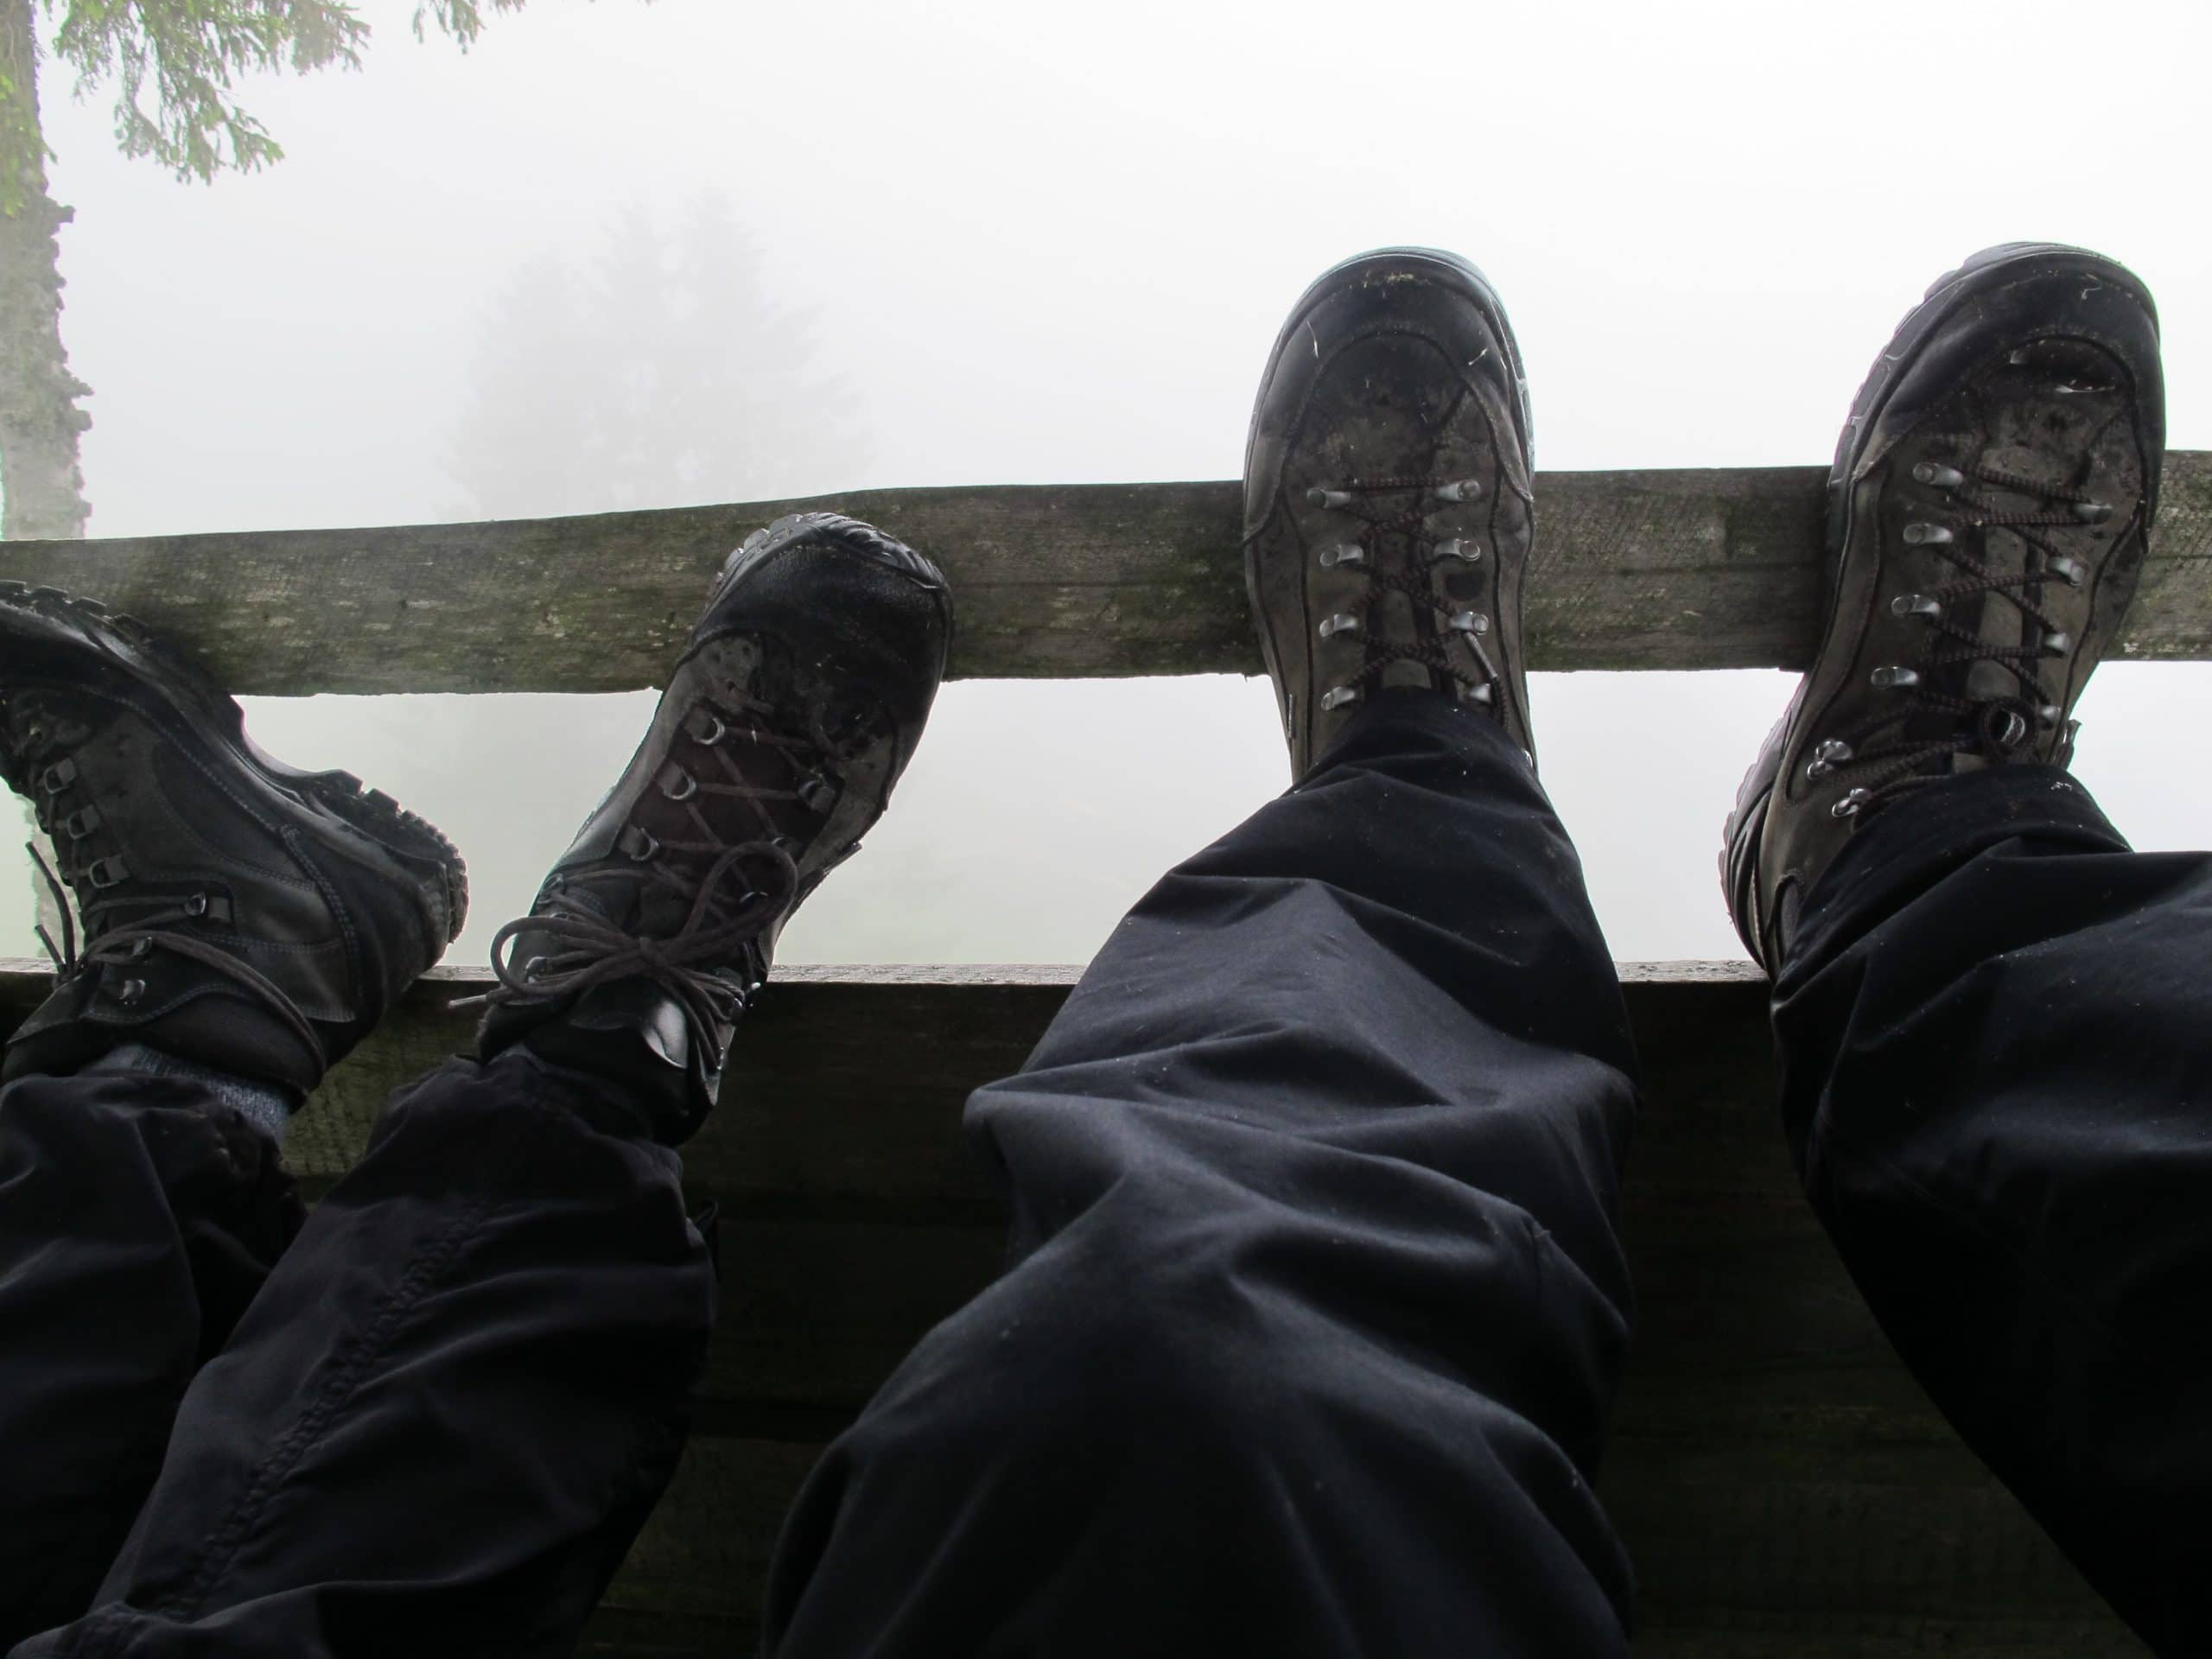 Nach einem intensiven Wandercoaching durchatmen und Füße hochlegen